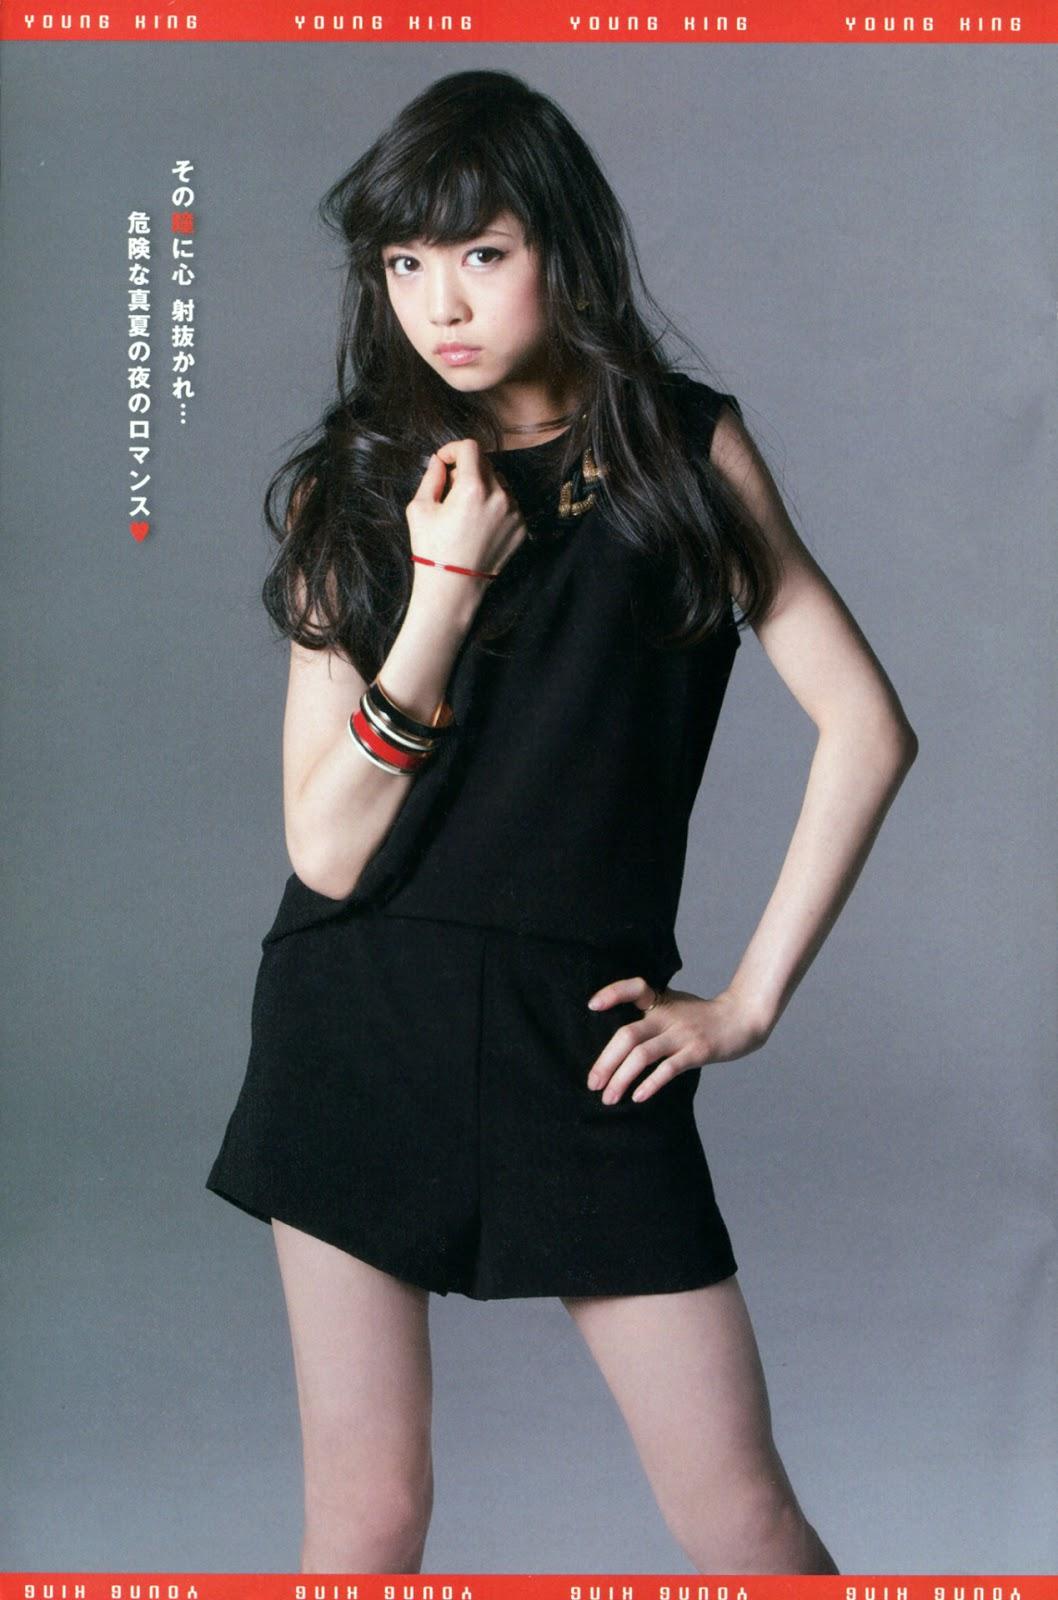 Hitomi manaka — photo 14